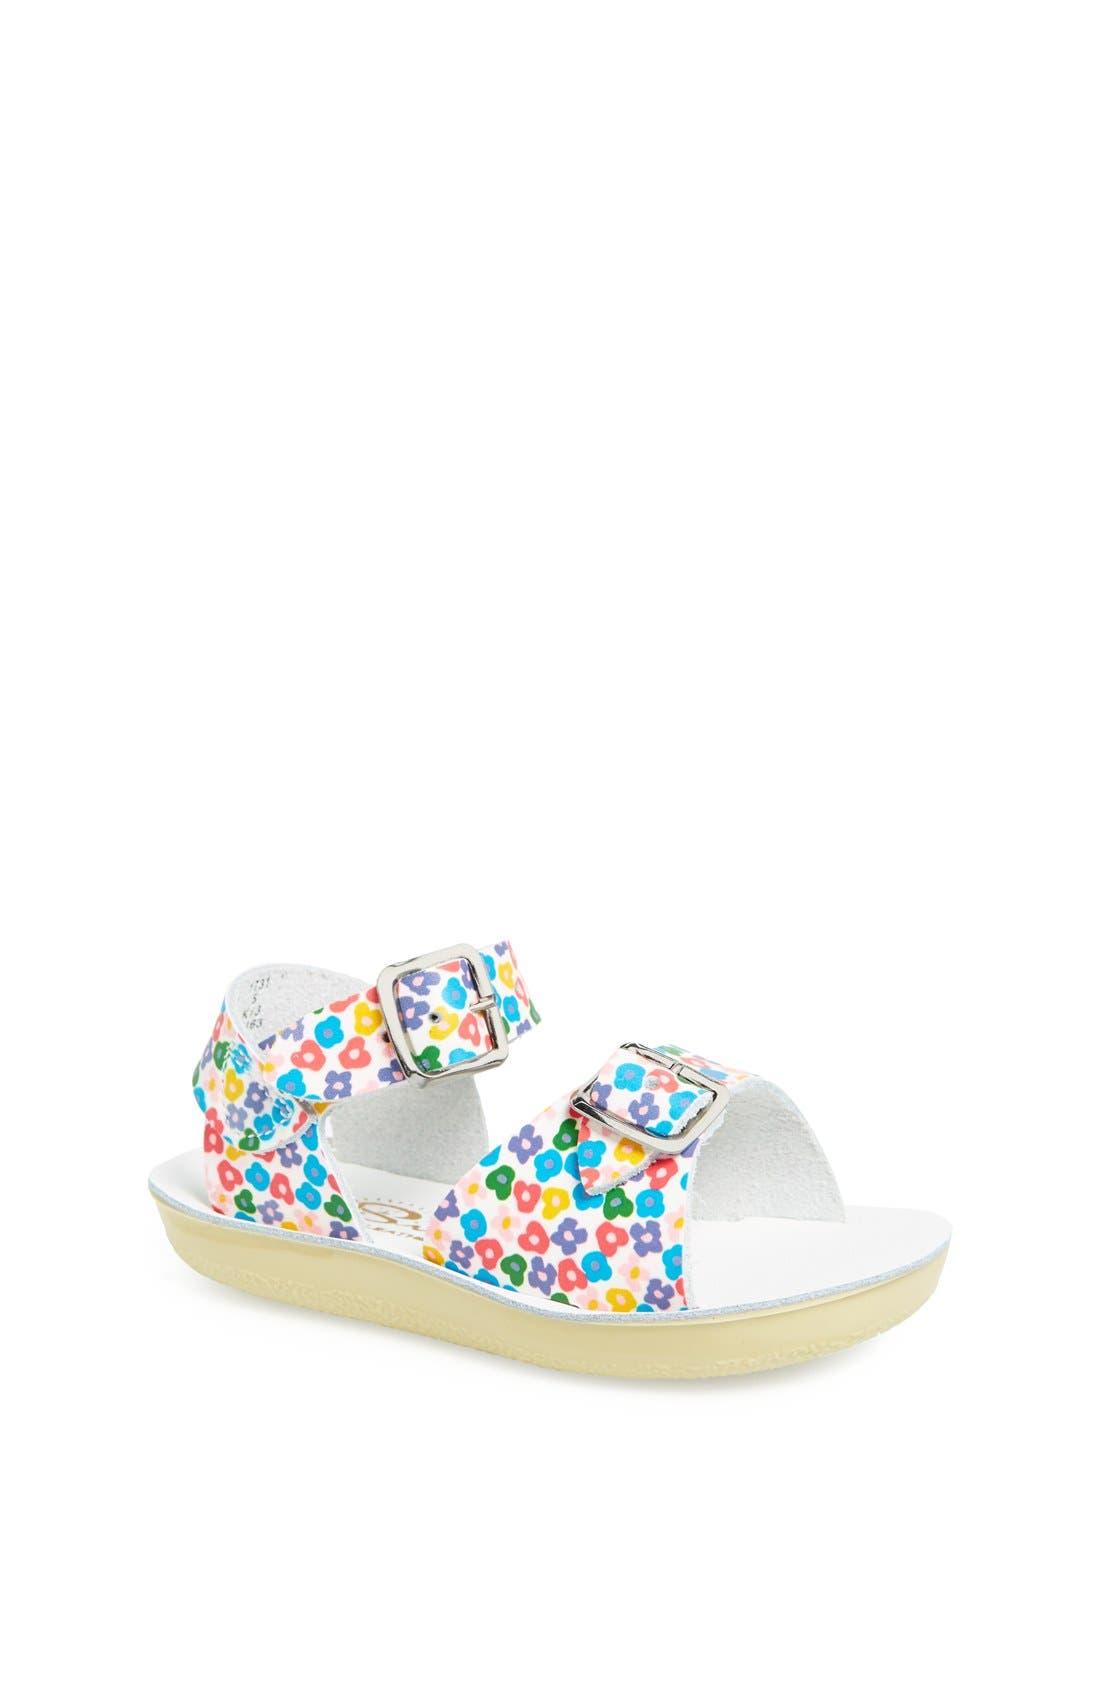 Salt Water Sandals by Hoy 'Surfer' Sandal (Baby & Walker)